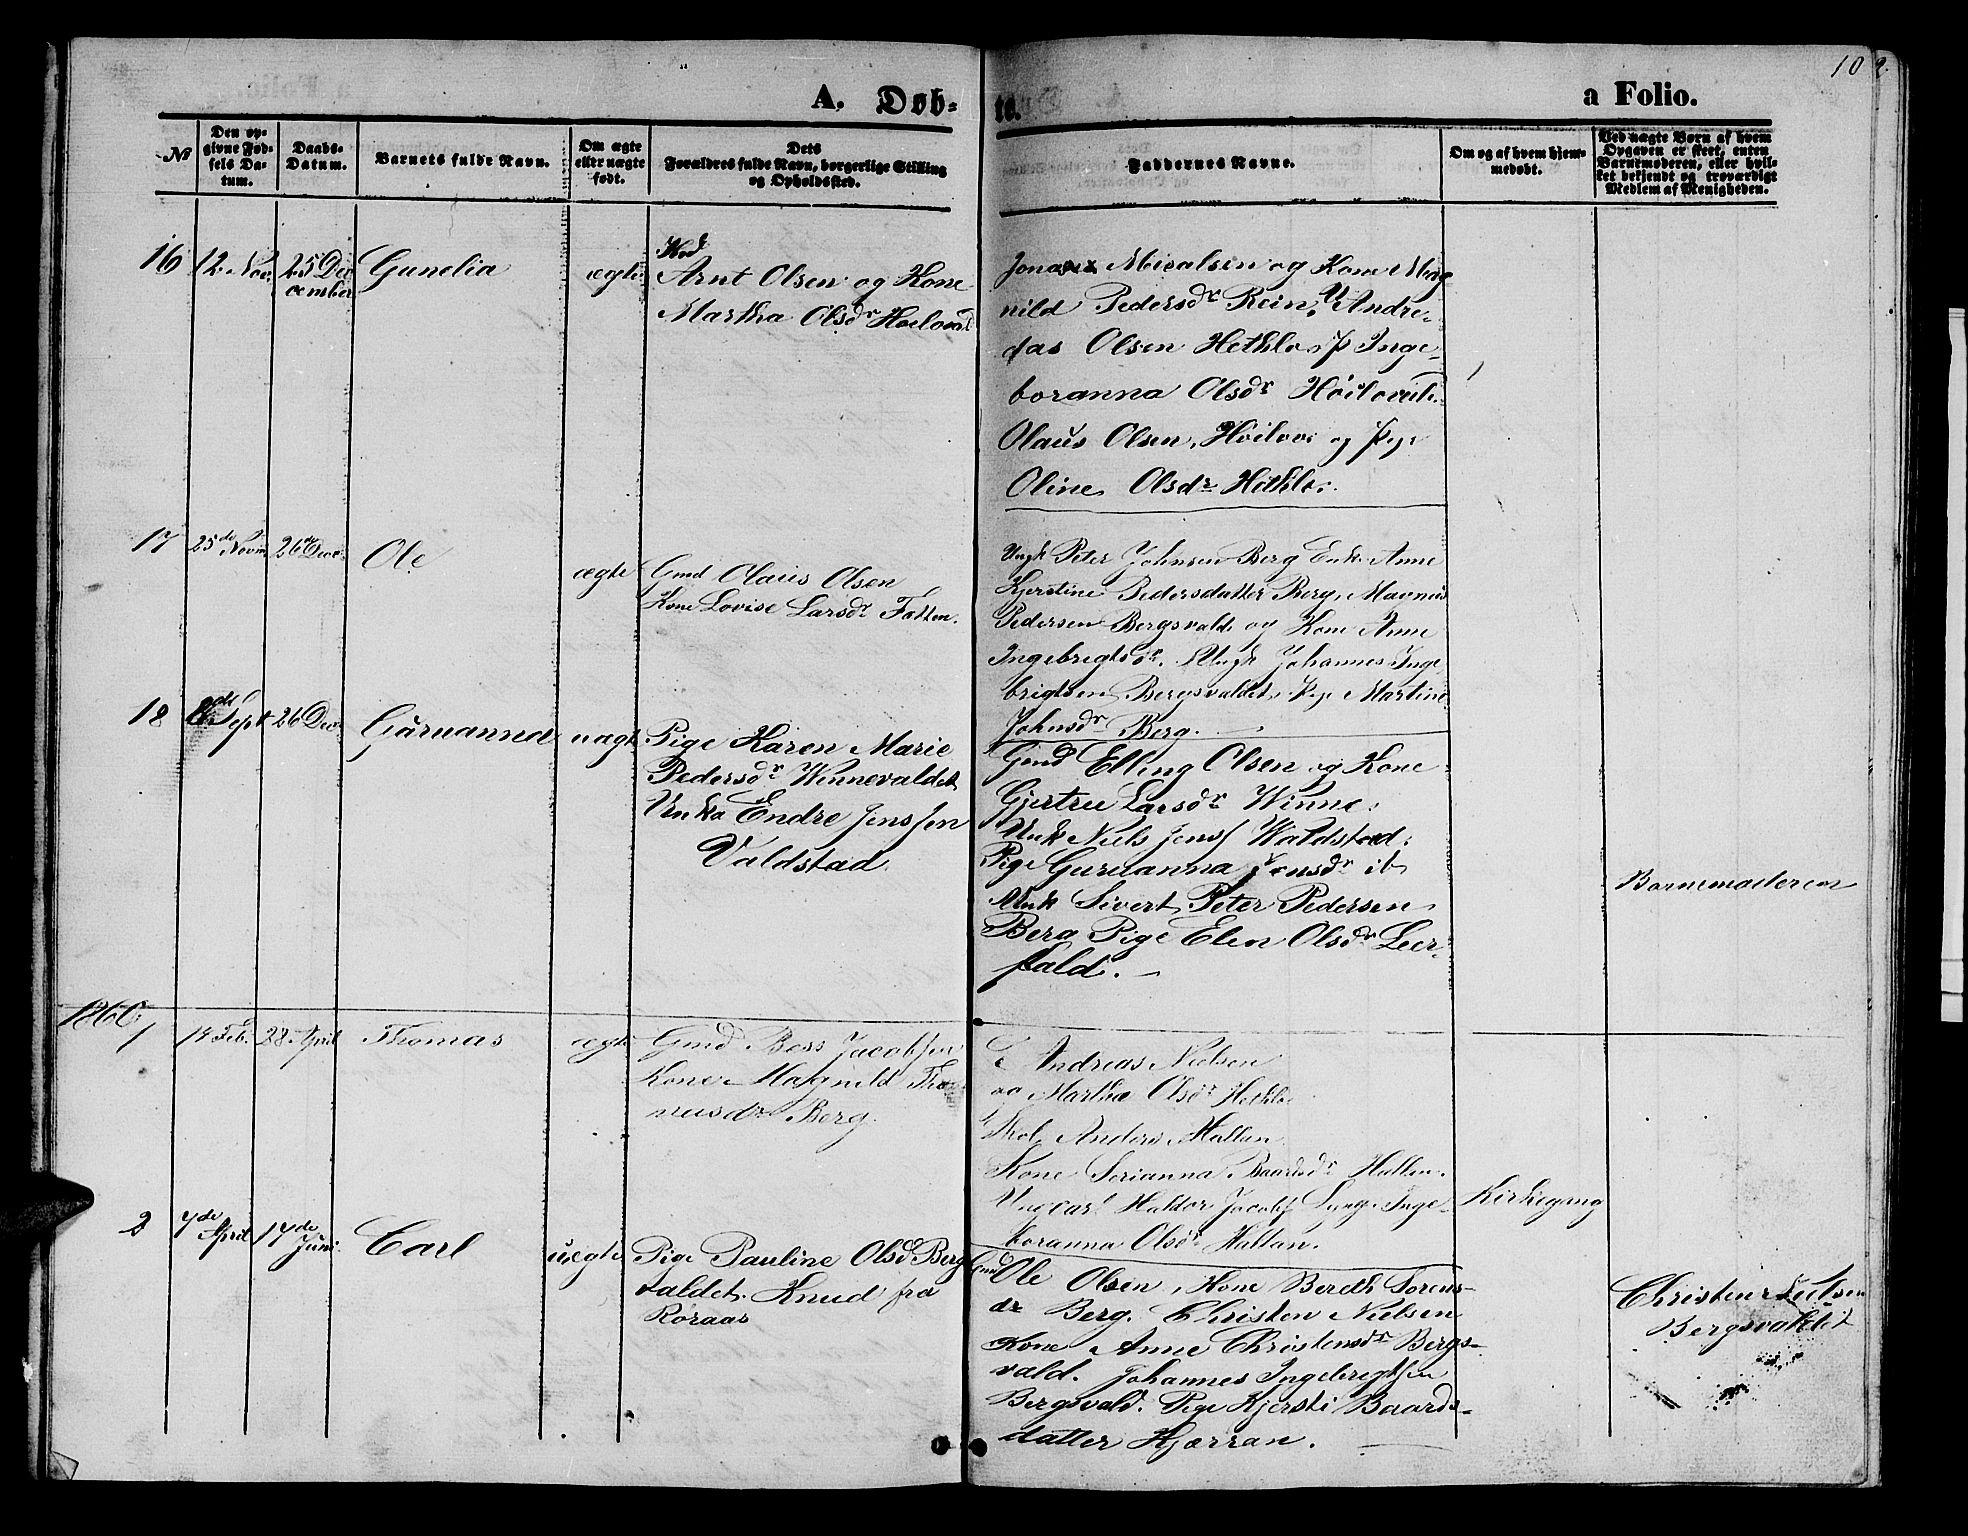 SAT, Ministerialprotokoller, klokkerbøker og fødselsregistre - Nord-Trøndelag, 726/L0270: Klokkerbok nr. 726C01, 1858-1868, s. 10